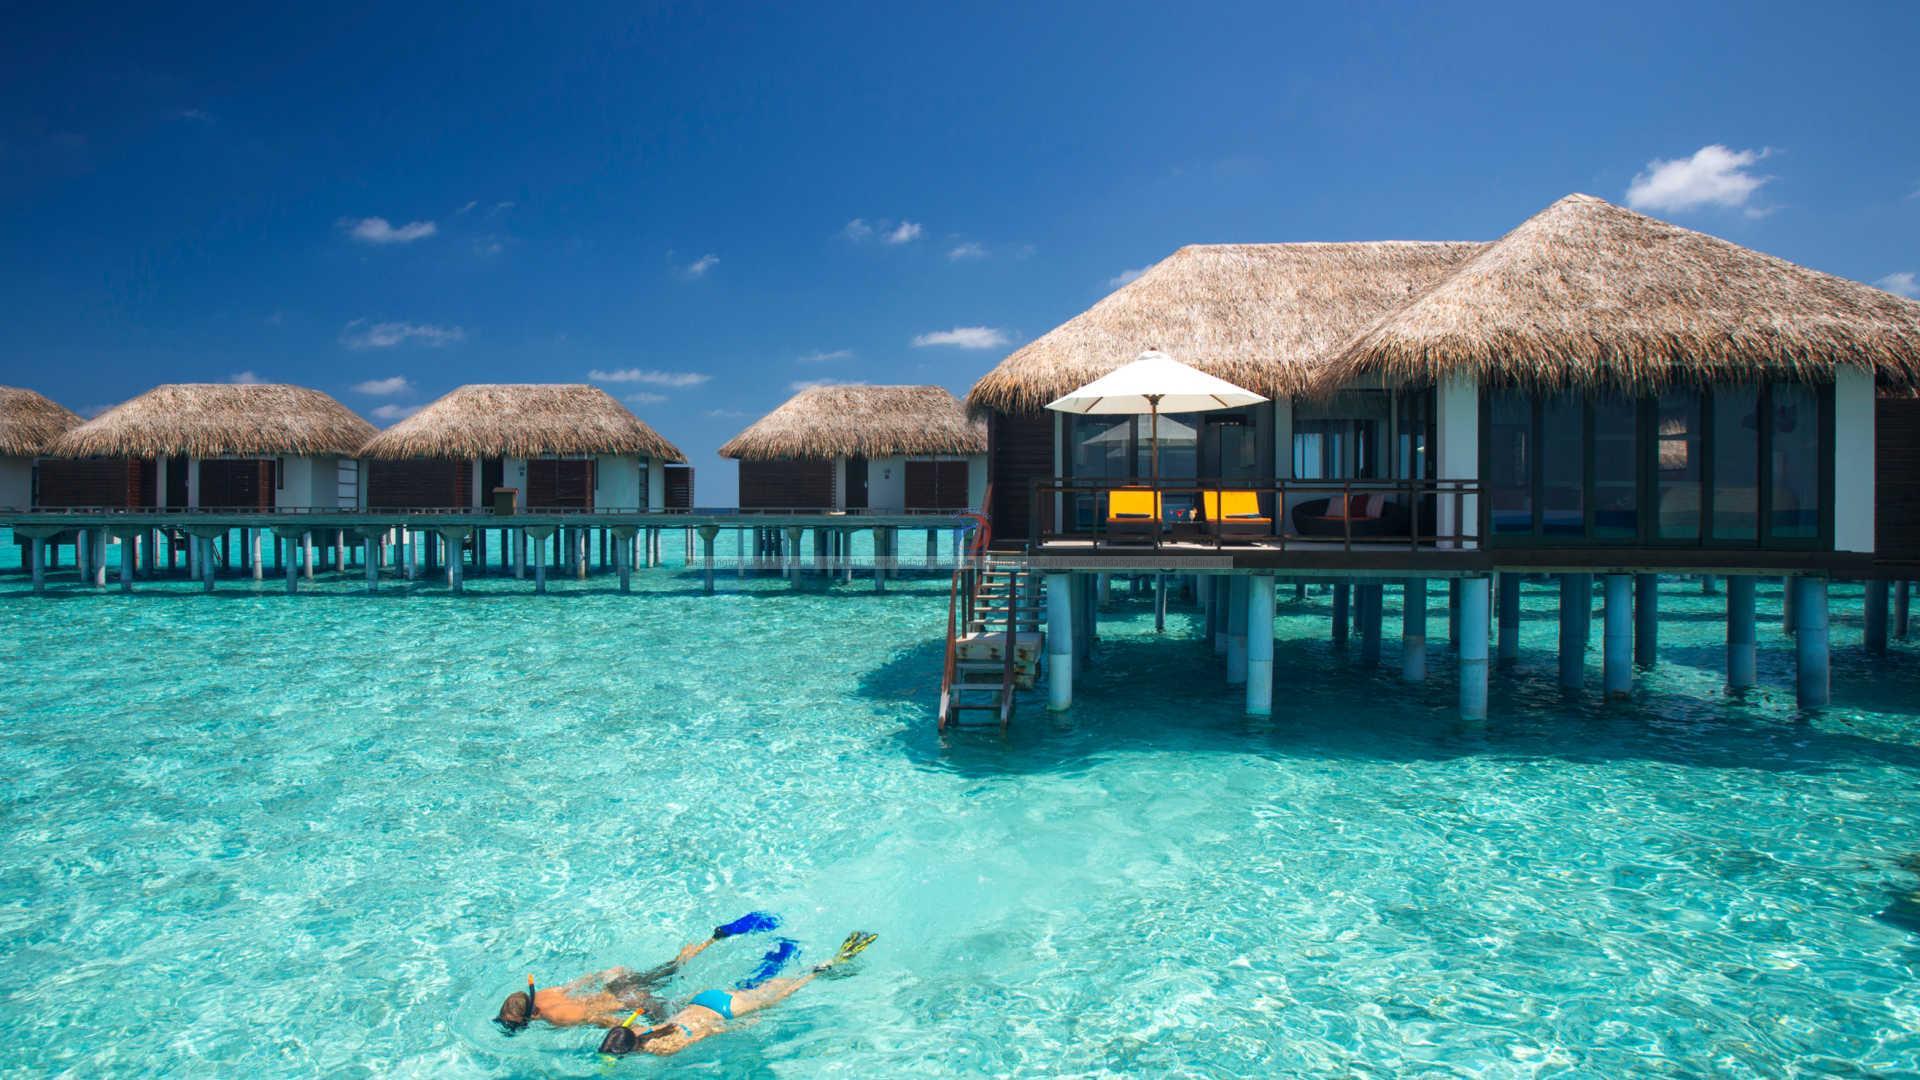 Khám phá tour du lịch Maldives giá rẻ cực thú vị